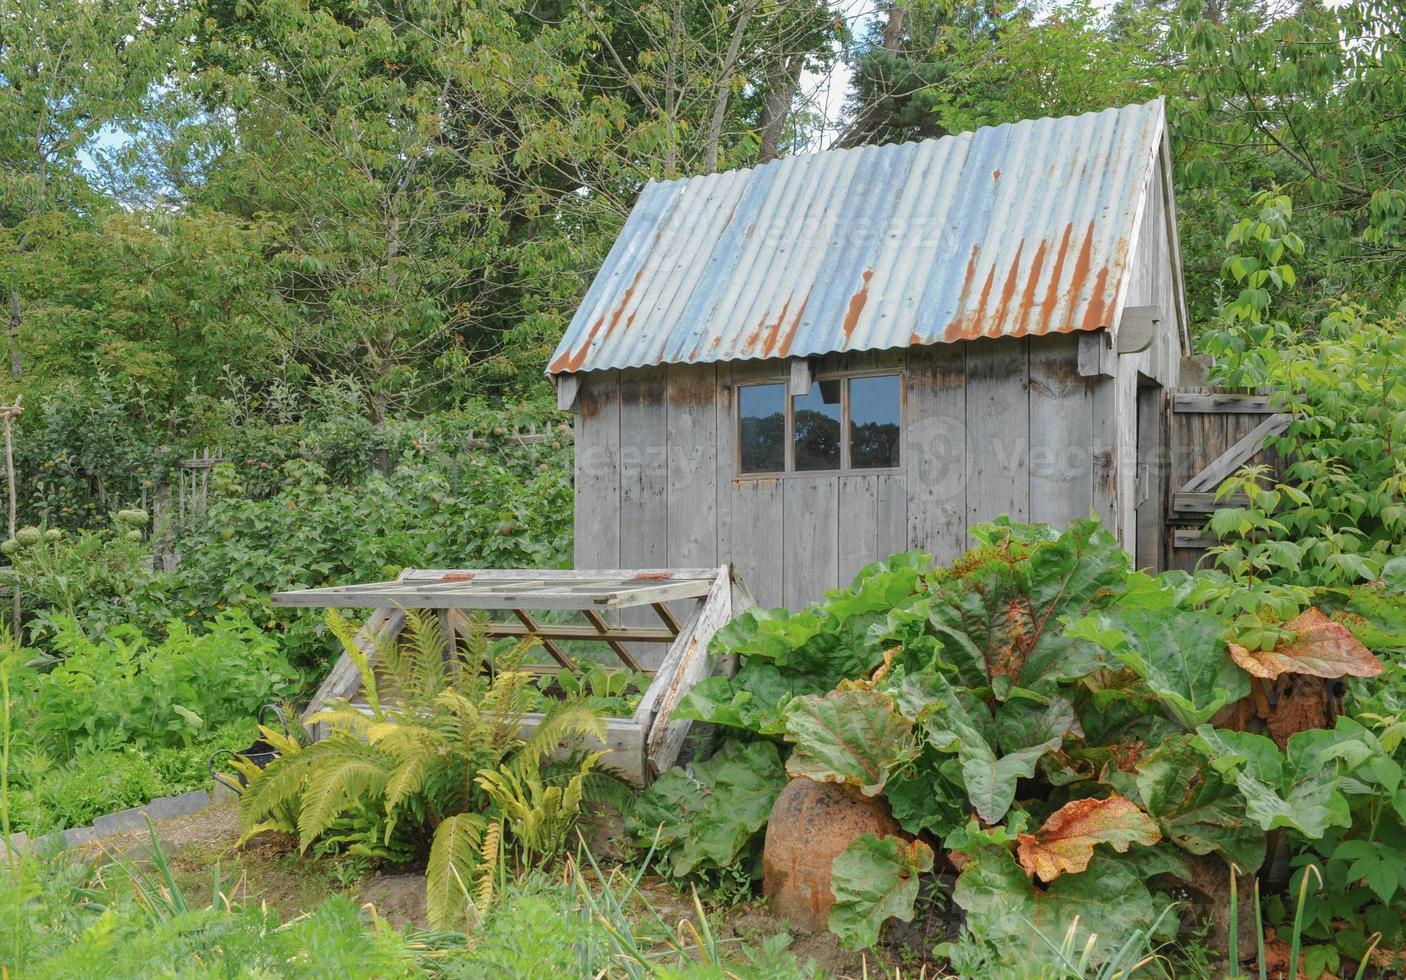 orto tradizionale e frutteto in un tipico villaggio devon foto